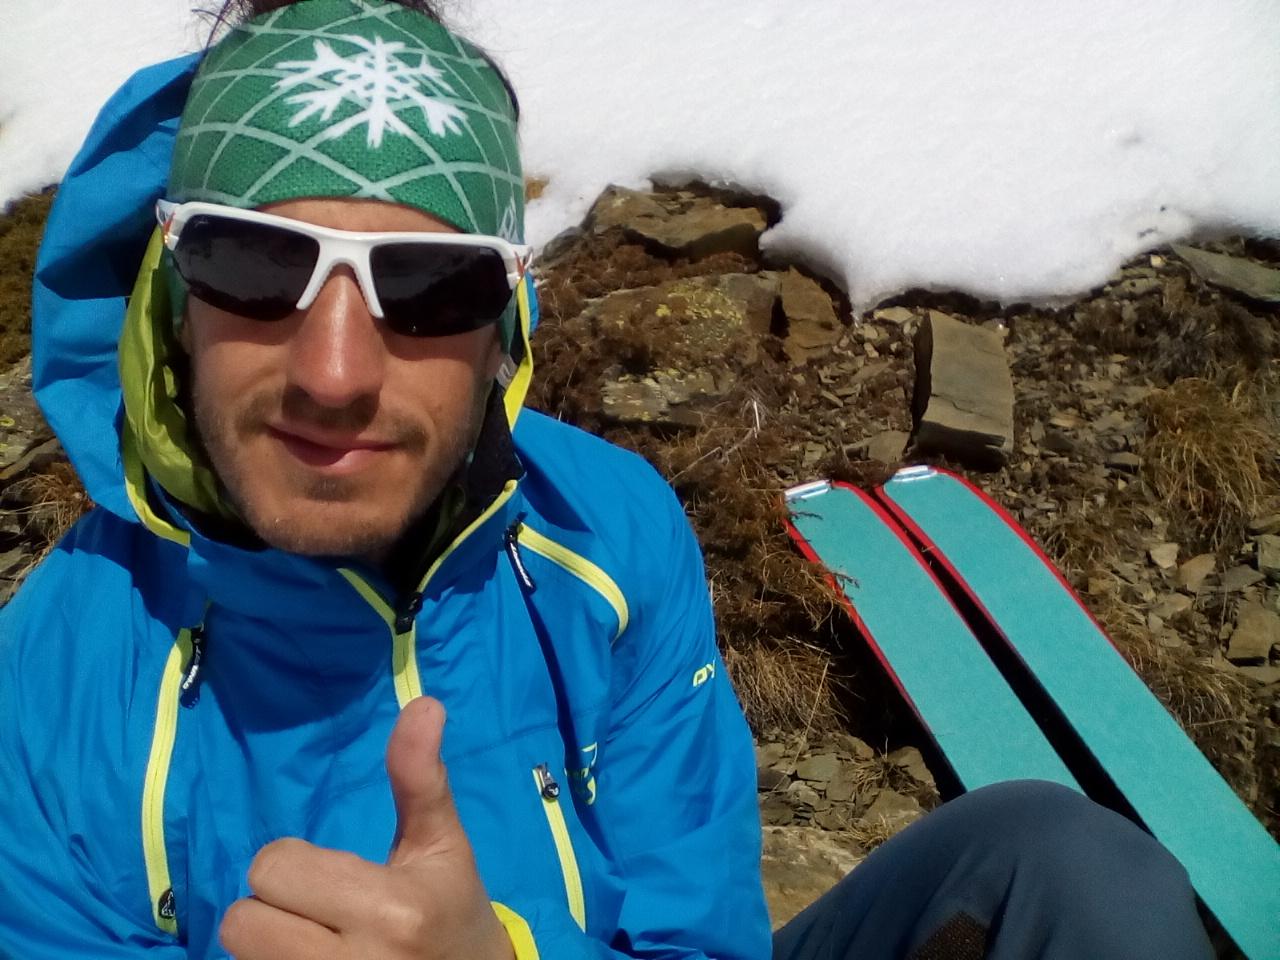 Esqui de Montaña: Pomoca Pro-Glide. Pieles de foca skitouring. Análisis y prueba a fondo Borja Valdés.